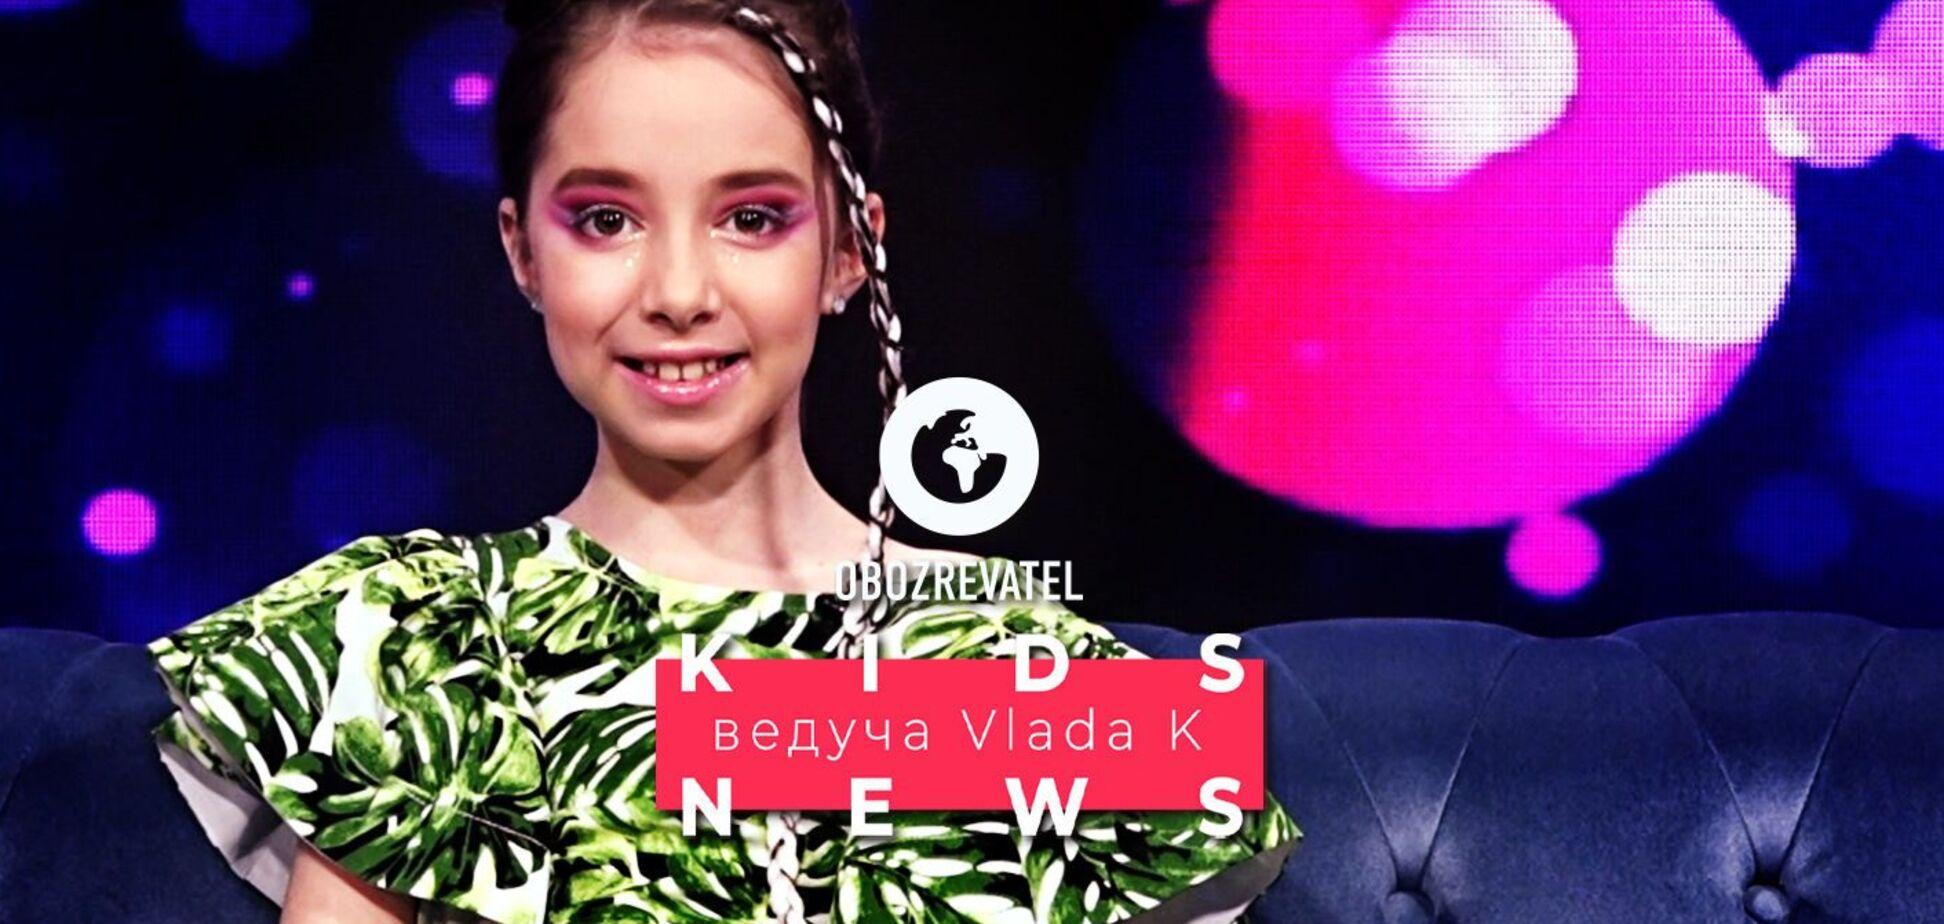 'Быть или не быть' конкурсу Евровидение? Смотрите в KIDS NEWS с Vlada K!